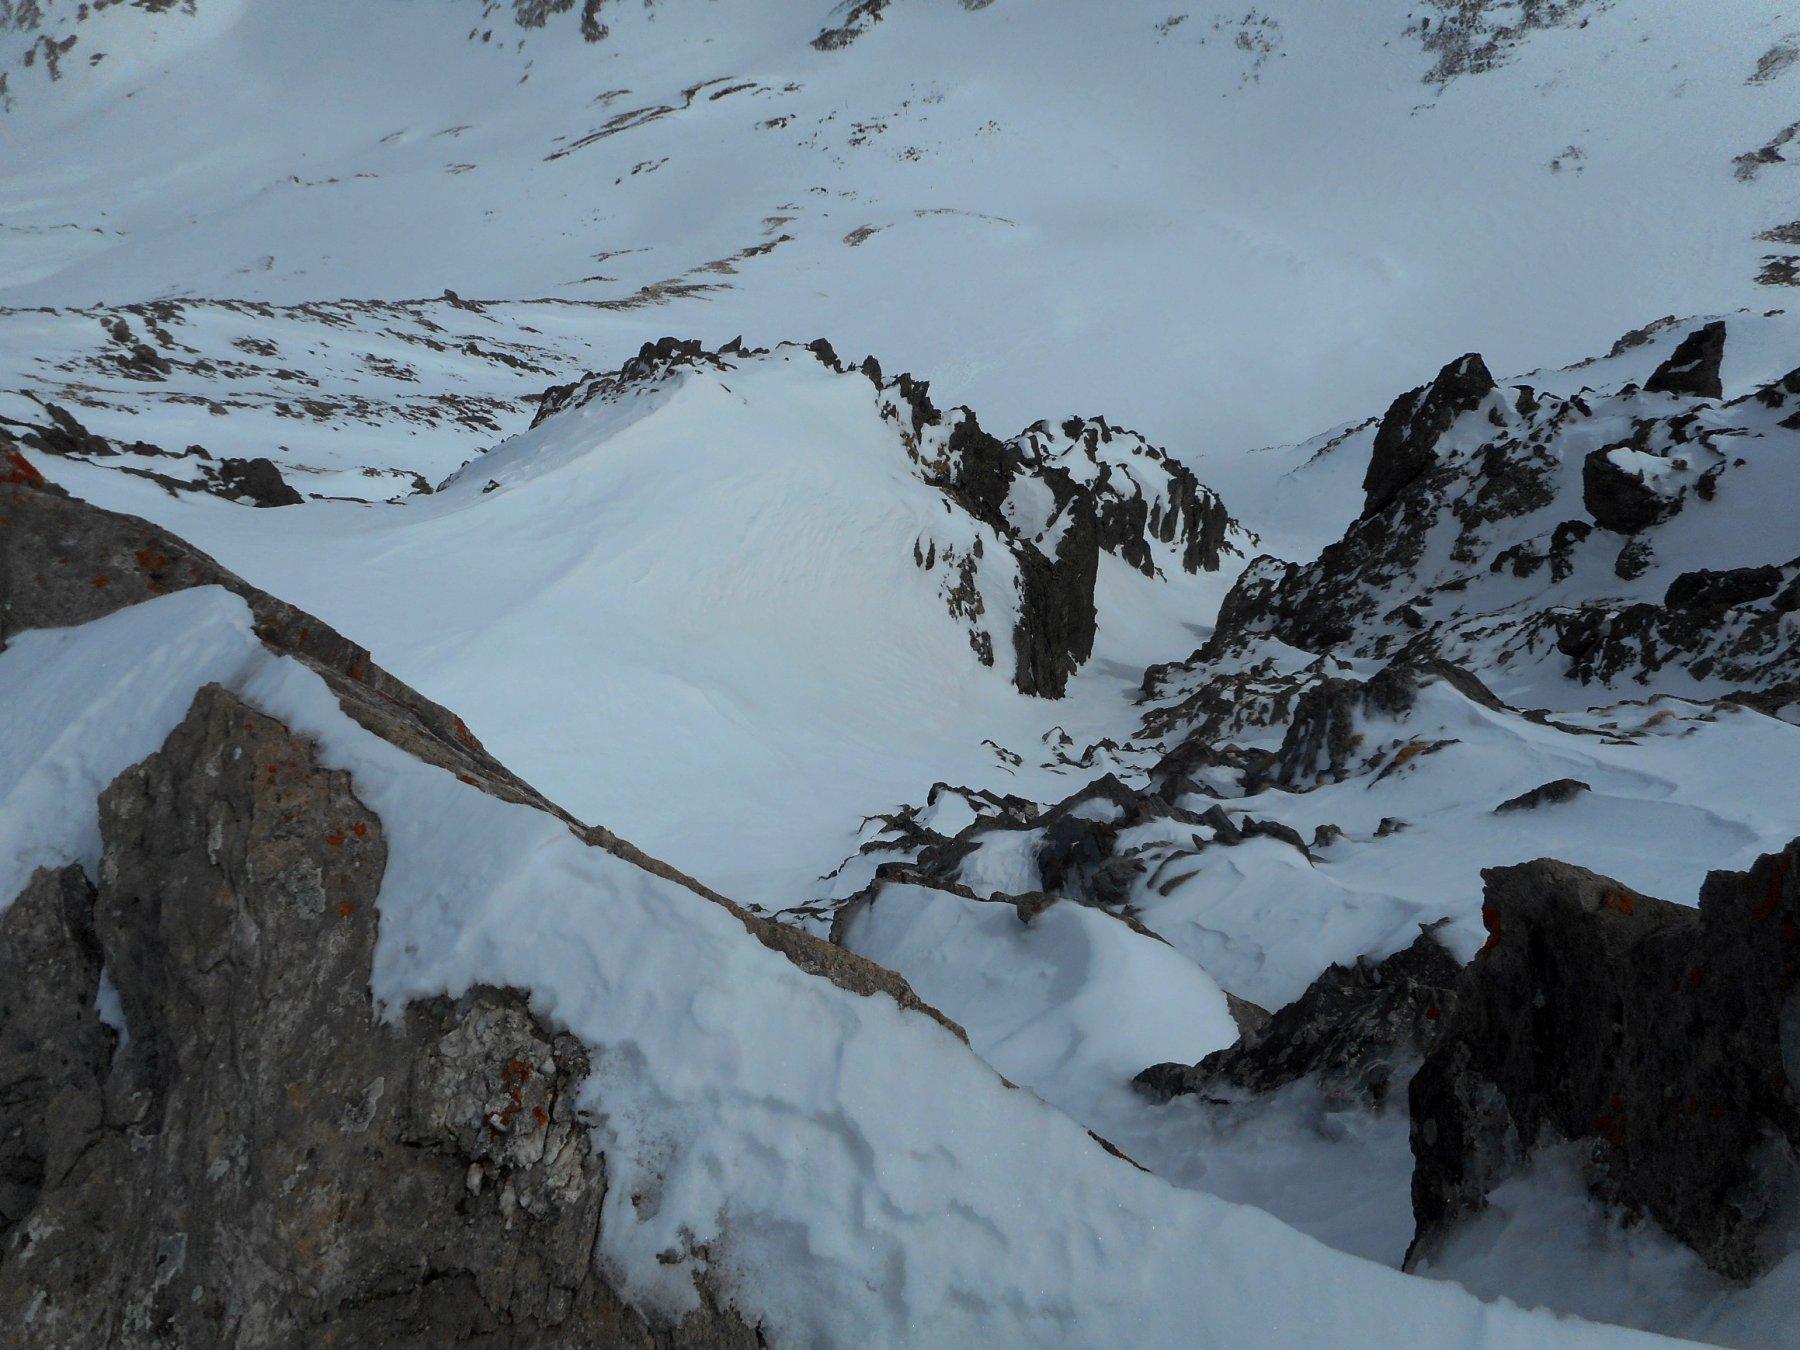 parte alta del canale vista dalla cima